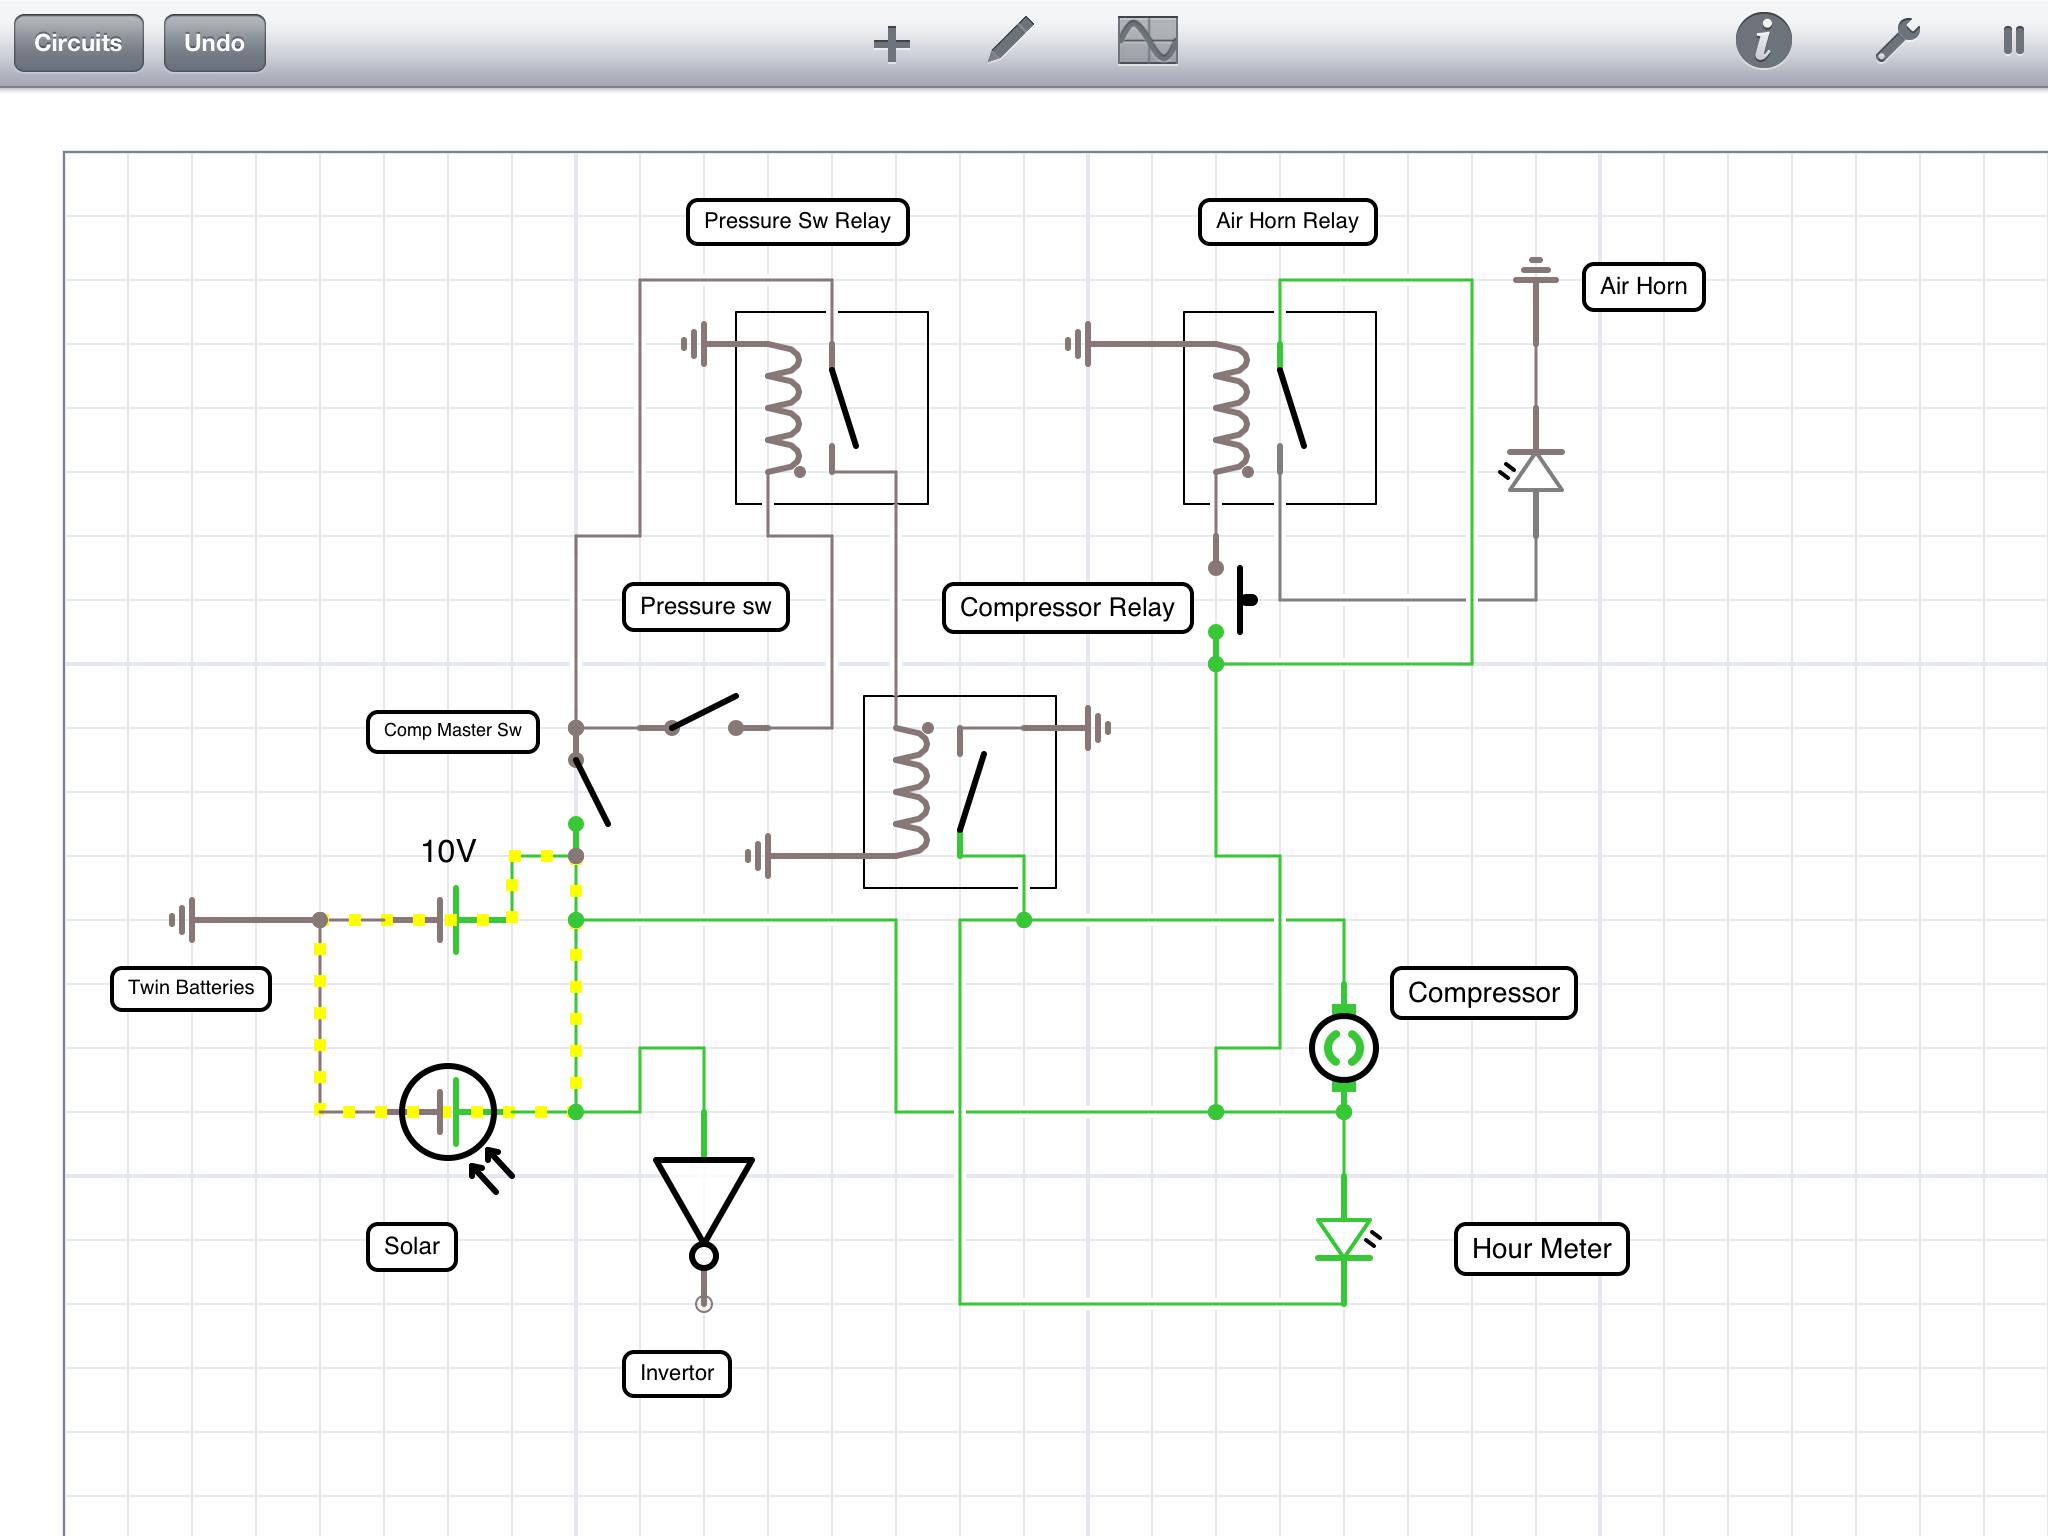 Microwave Sunbeam Wiring Diagram Diagrams Circuit Hair Dryer Heating Pad